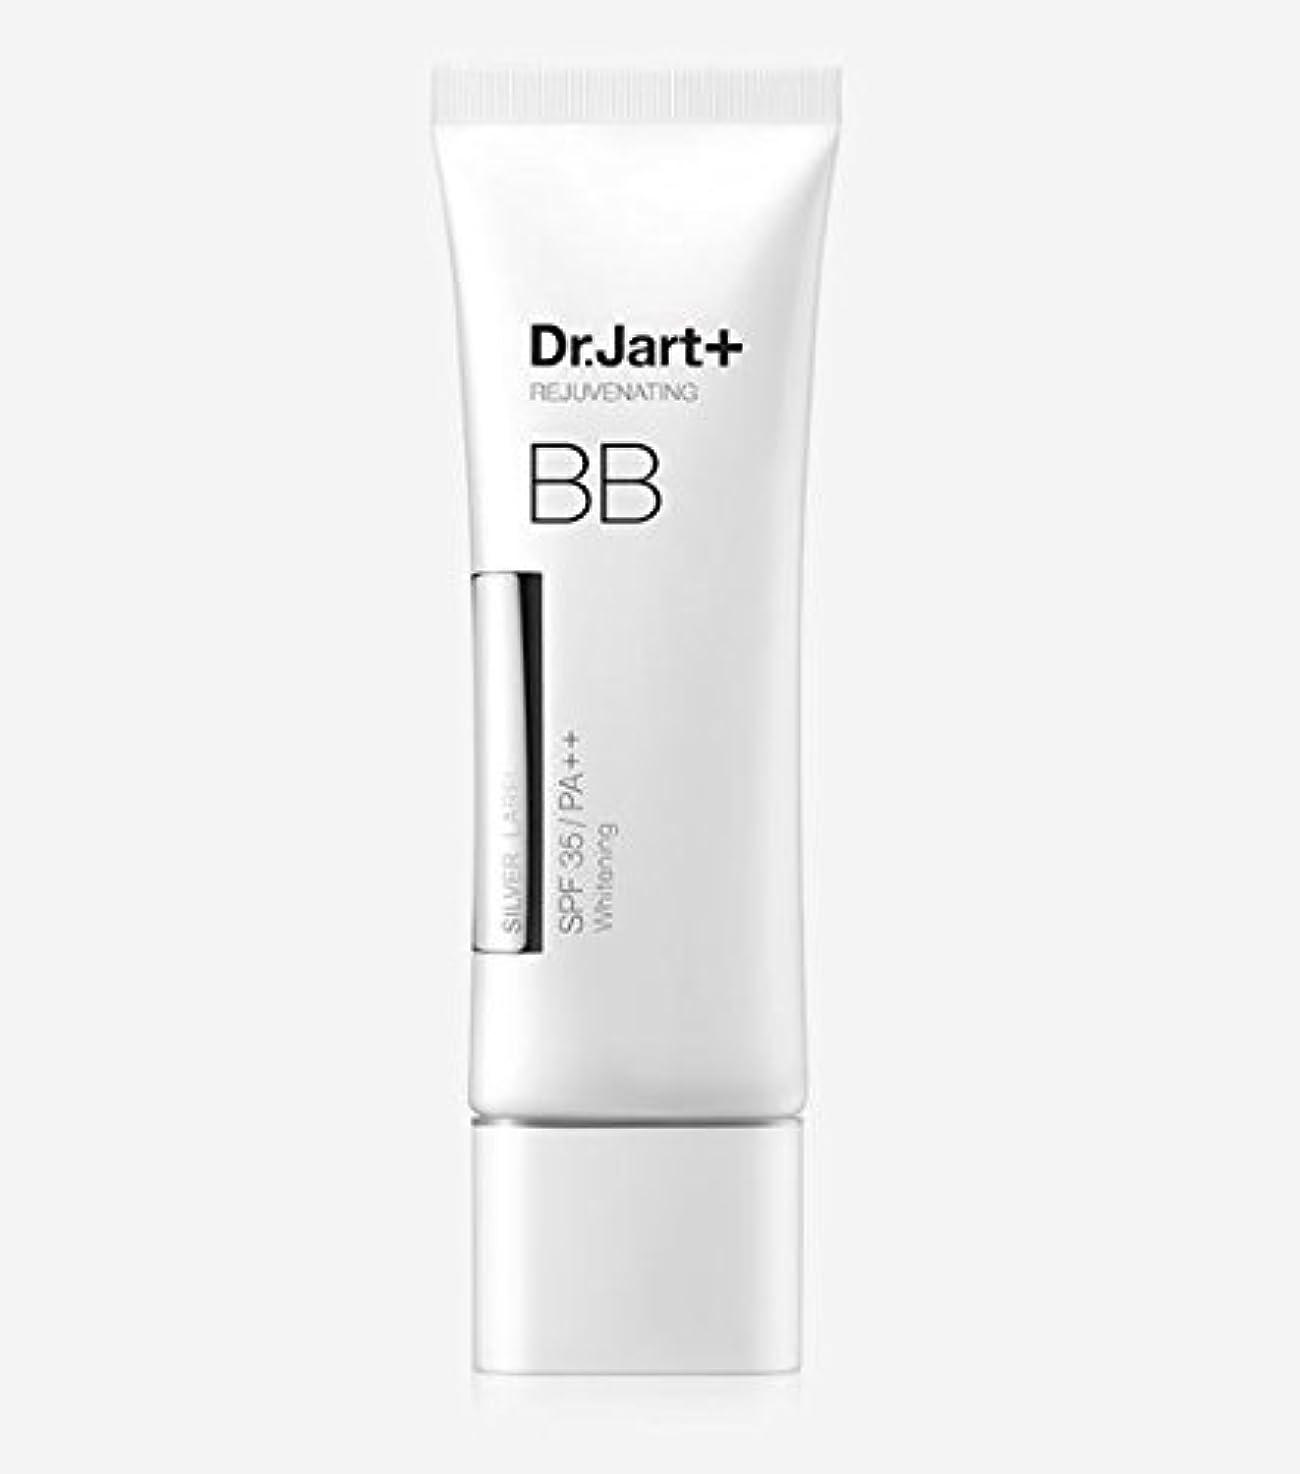 第三冷淡な立法[Dr. Jart] Silver Label BB Rejuvenating Beauty Balm 50ml SPF35 PA++/[ドクタージャルト] シルバーラベル BB リジュビネイティング ビューティー バーム...